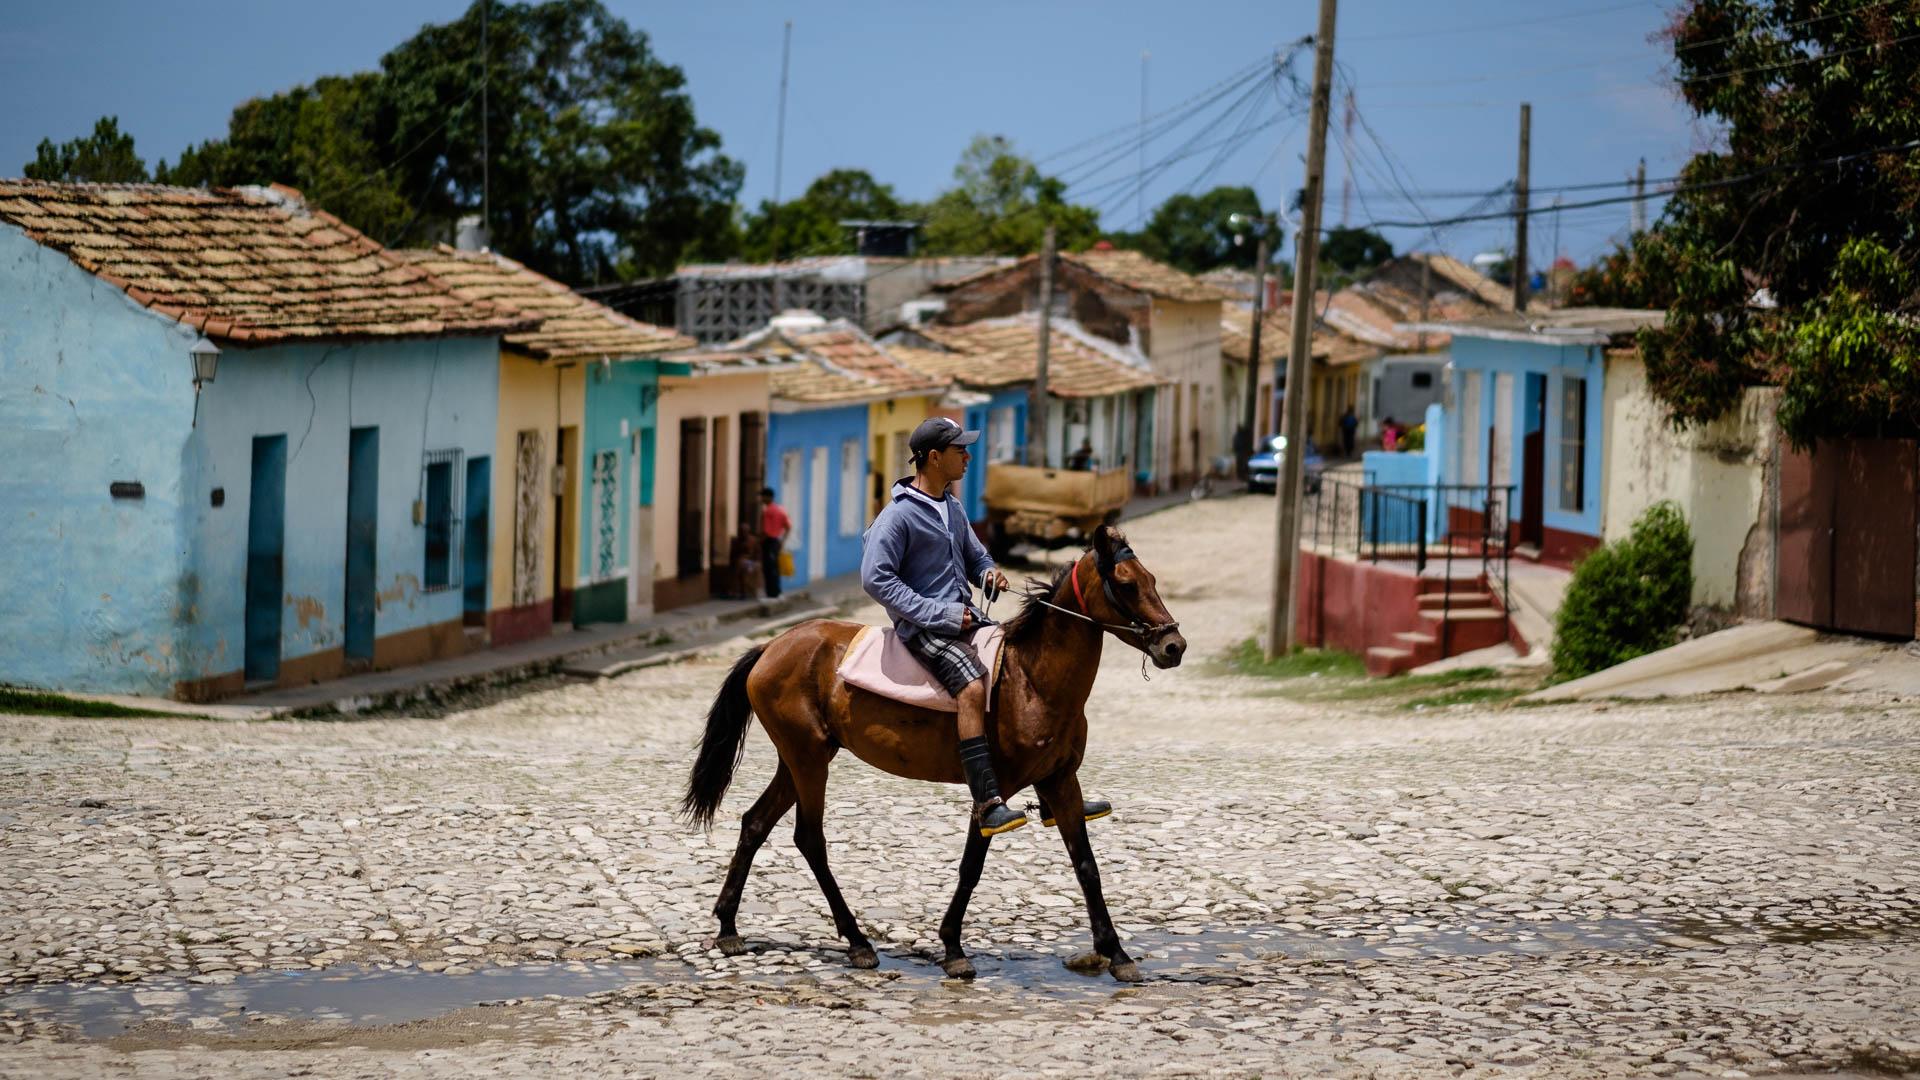 180429-Trinidad-157-1080.jpg